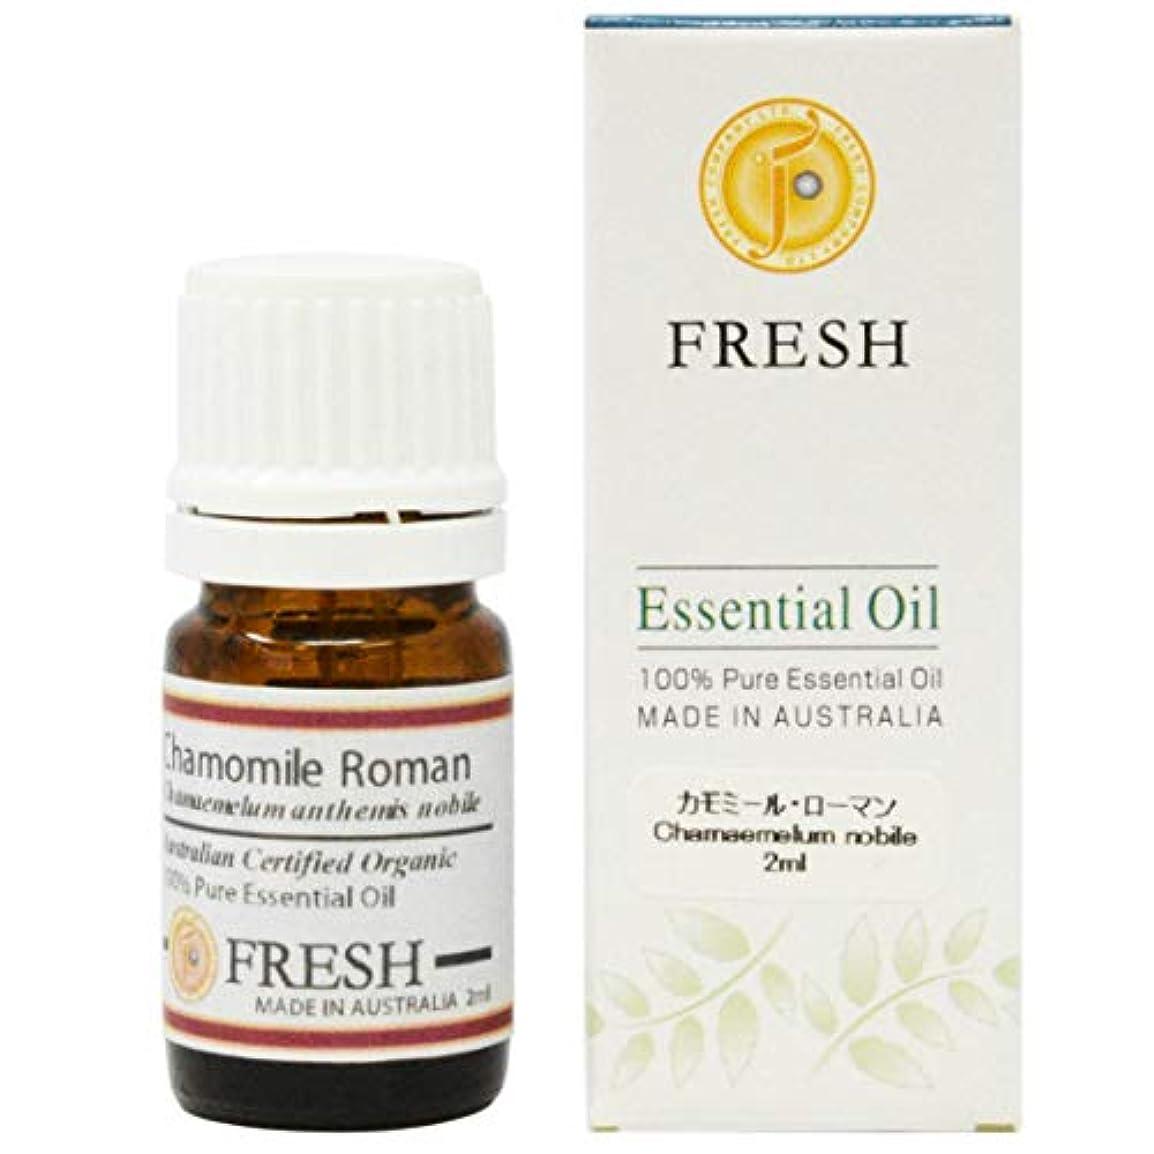 区別するマニアック光沢のあるFRESH オーガニック エッセンシャルオイル カモミール?ローマン 2ml (FRESH 精油)